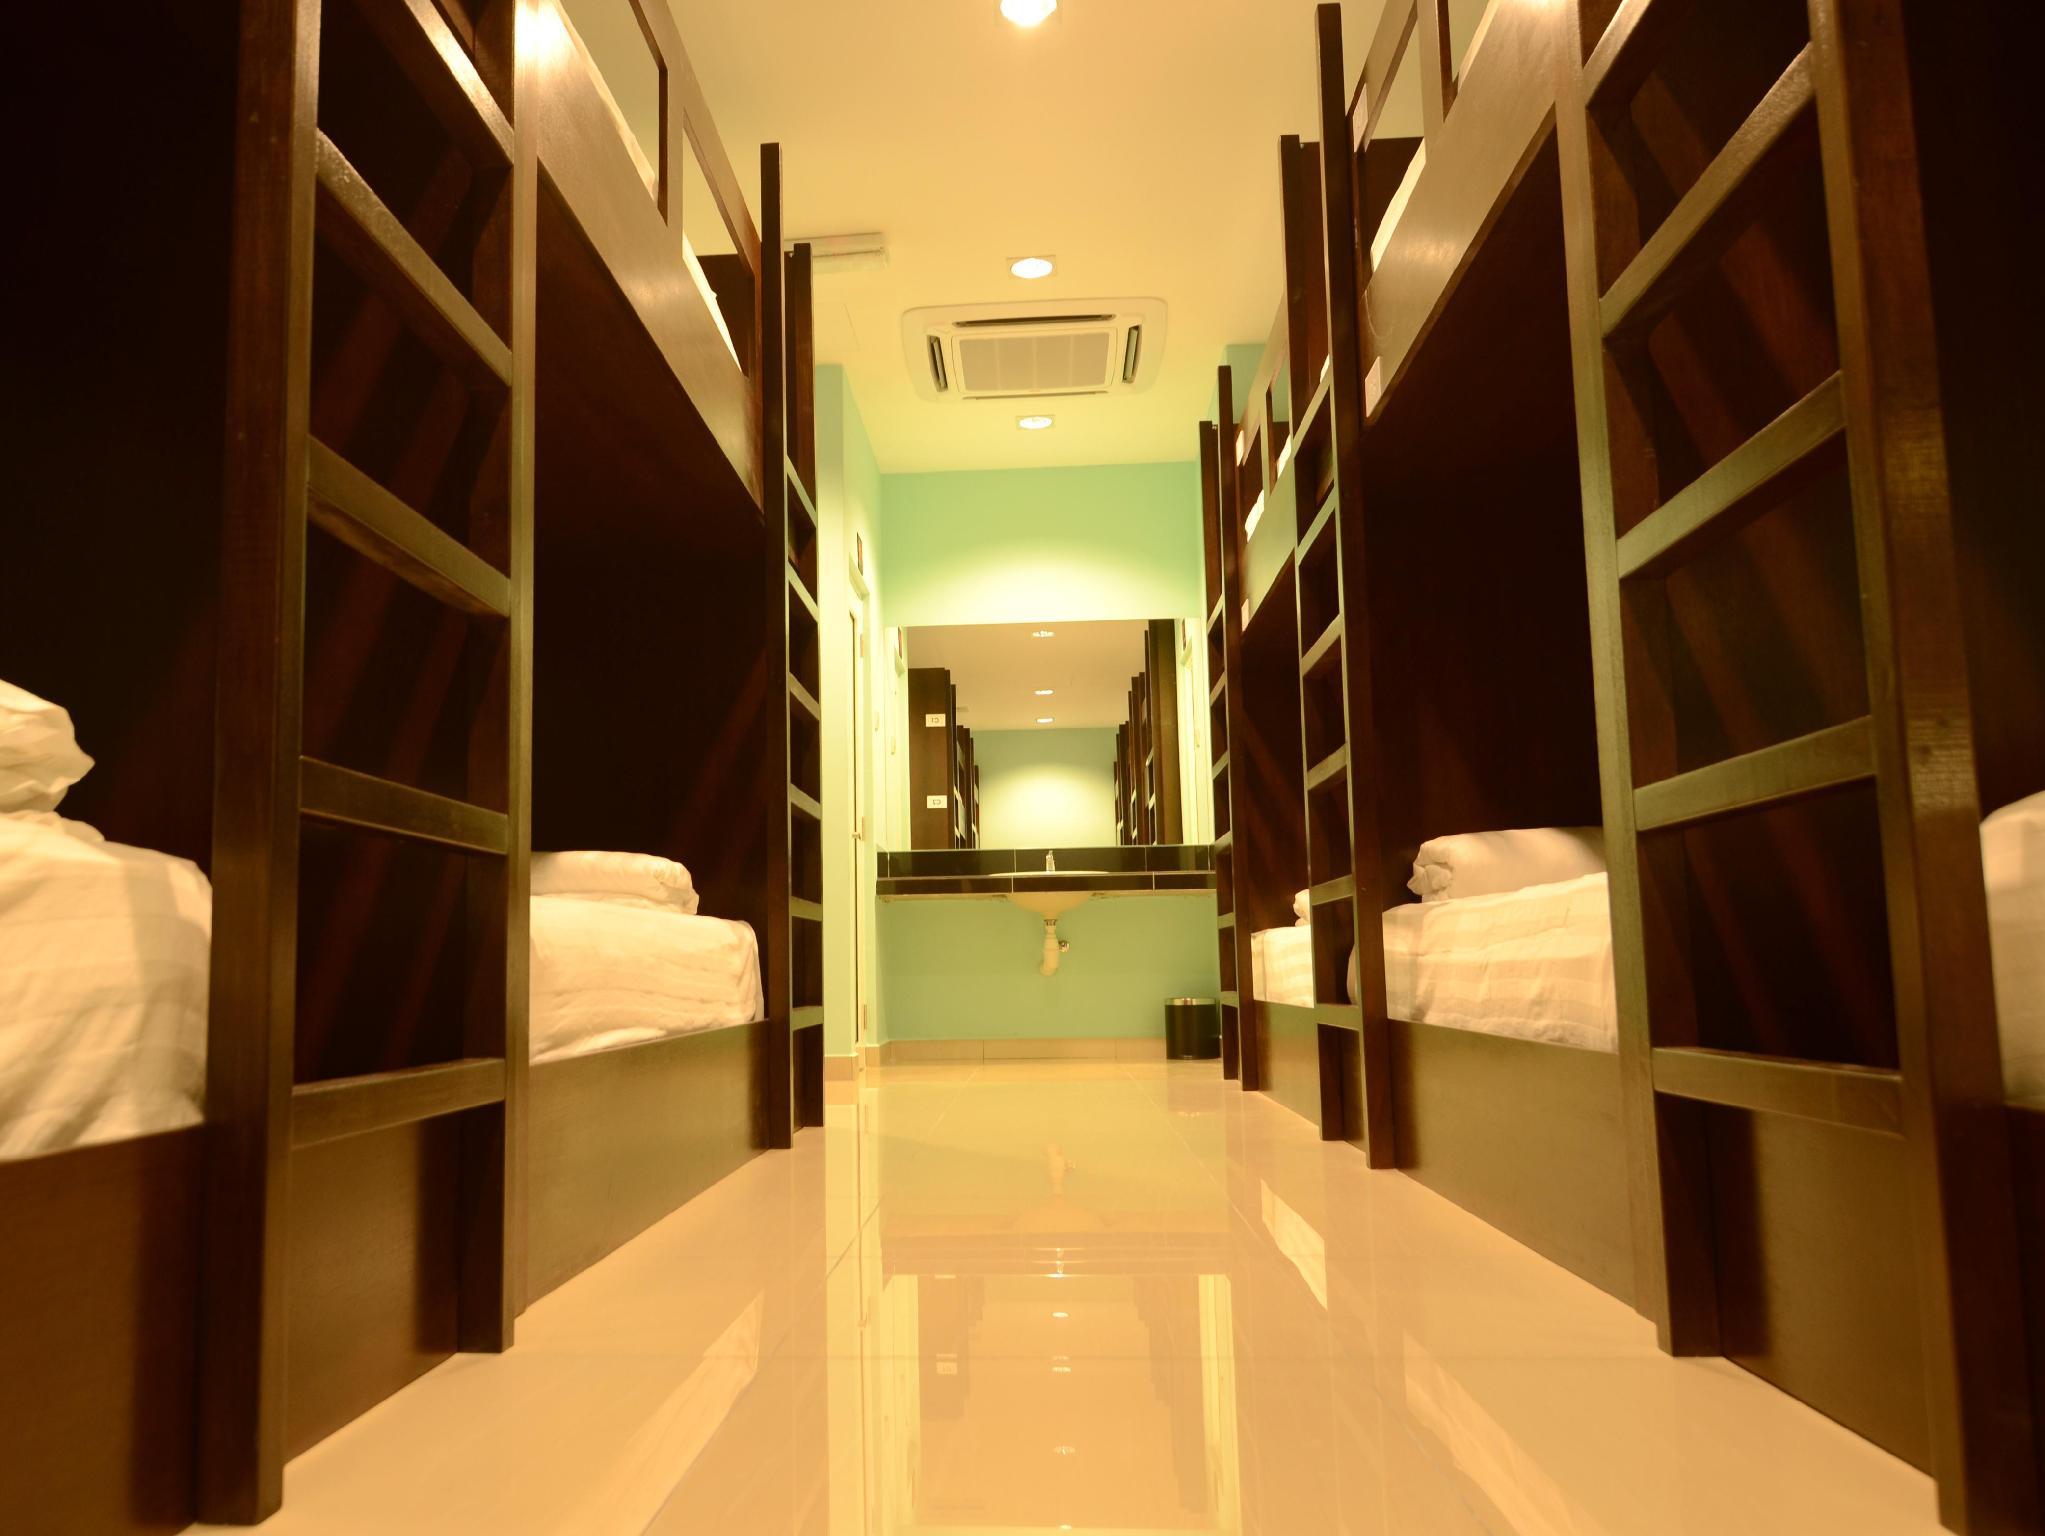 スリ パッカーズ ホテル KLIA1